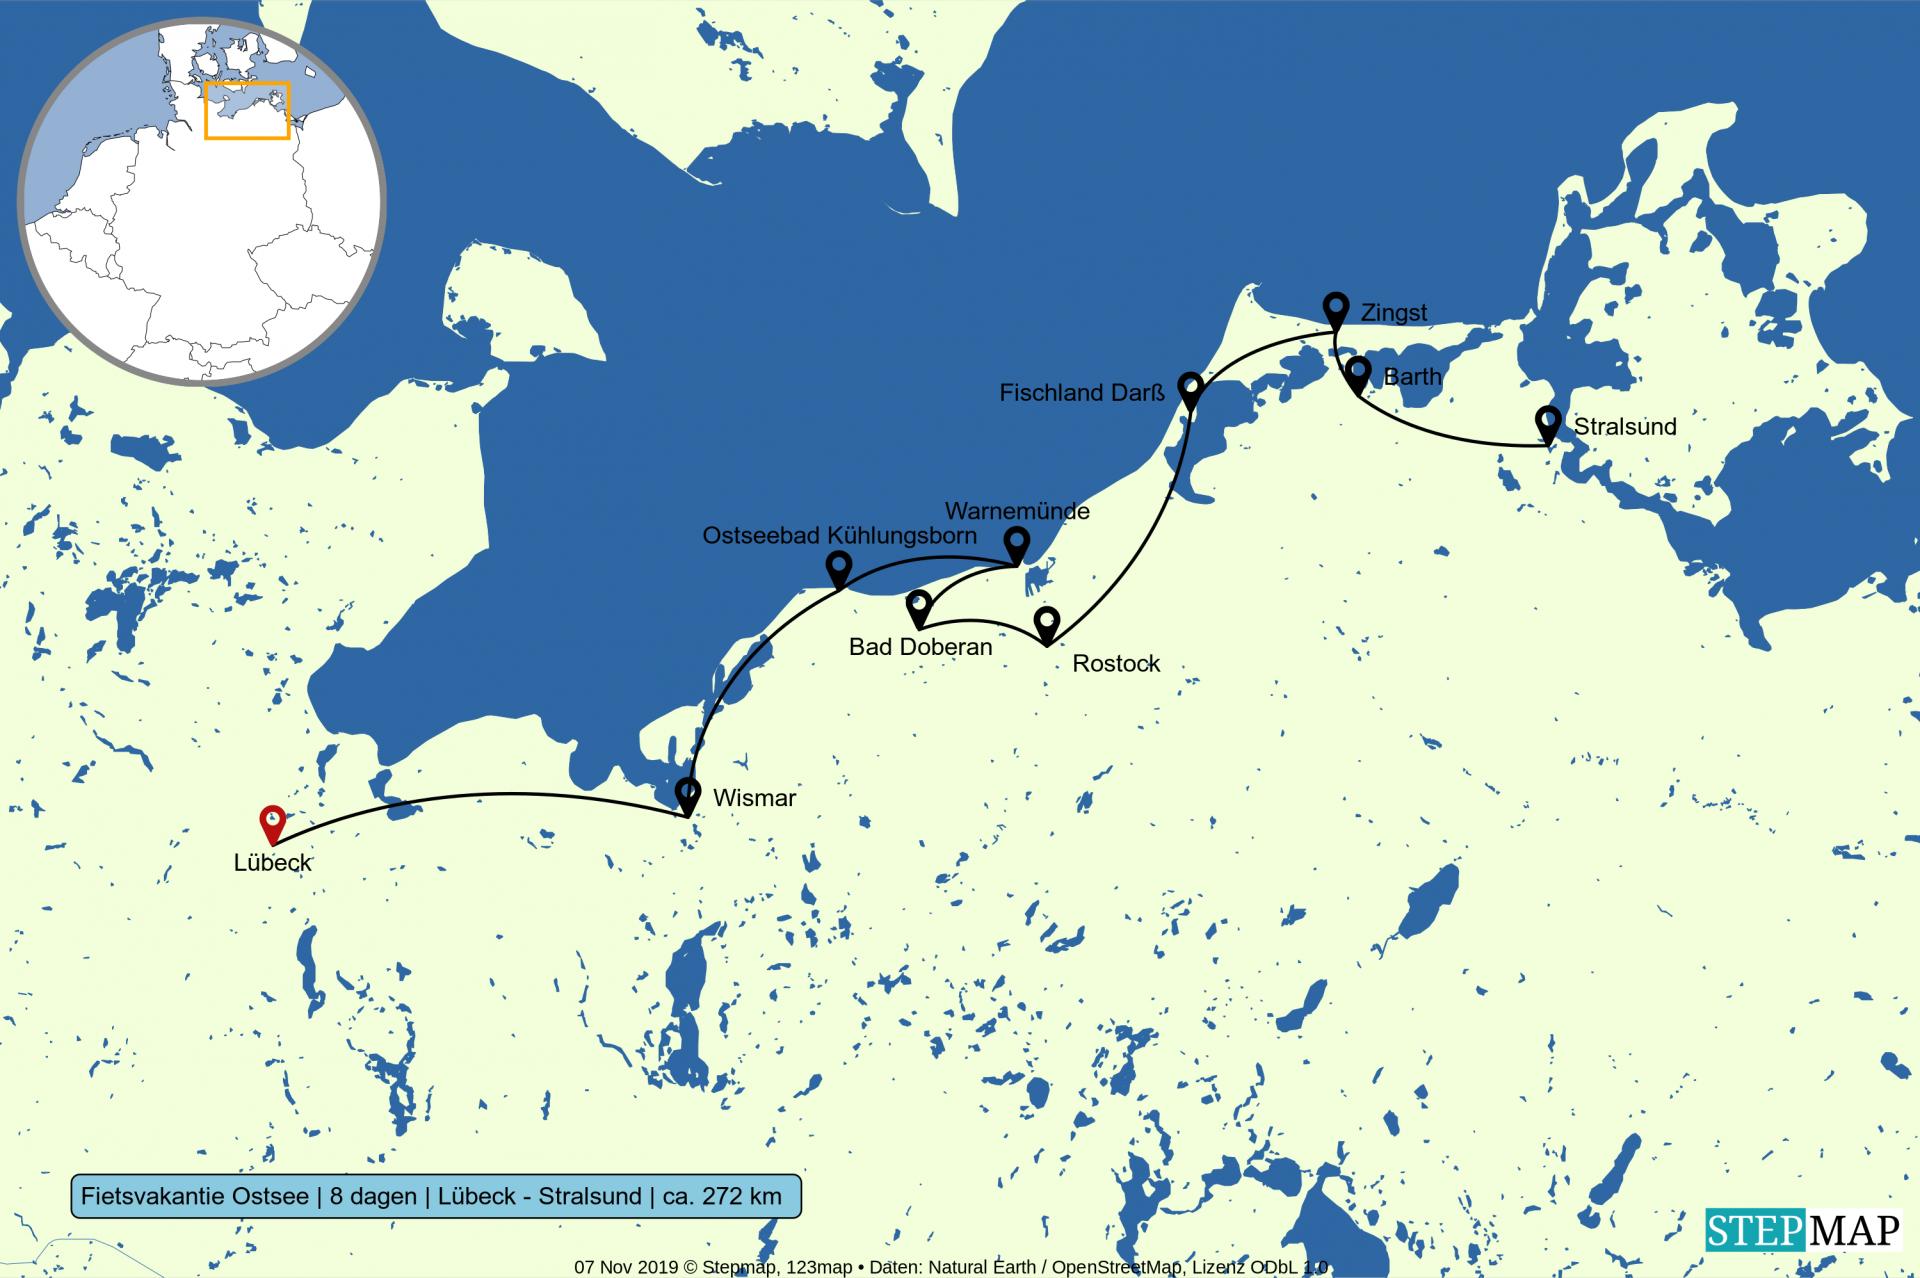 Kaart Ostseeradweg Luebeck naar Stralsund